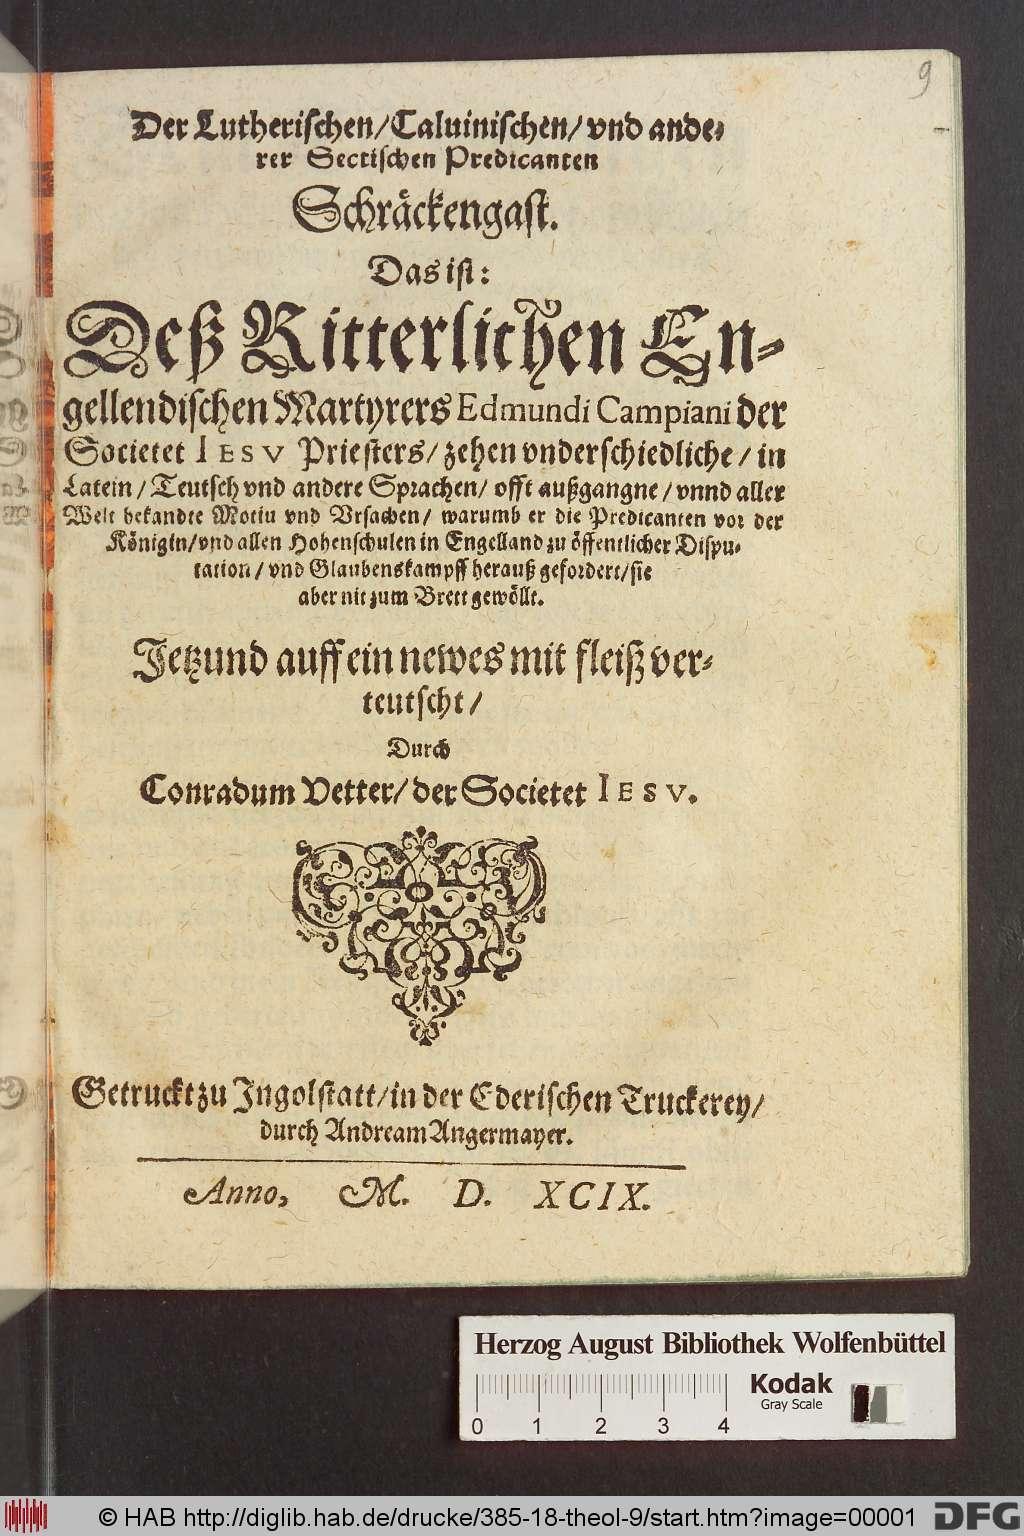 http://diglib.hab.de/drucke/385-18-theol-9/00001.jpg